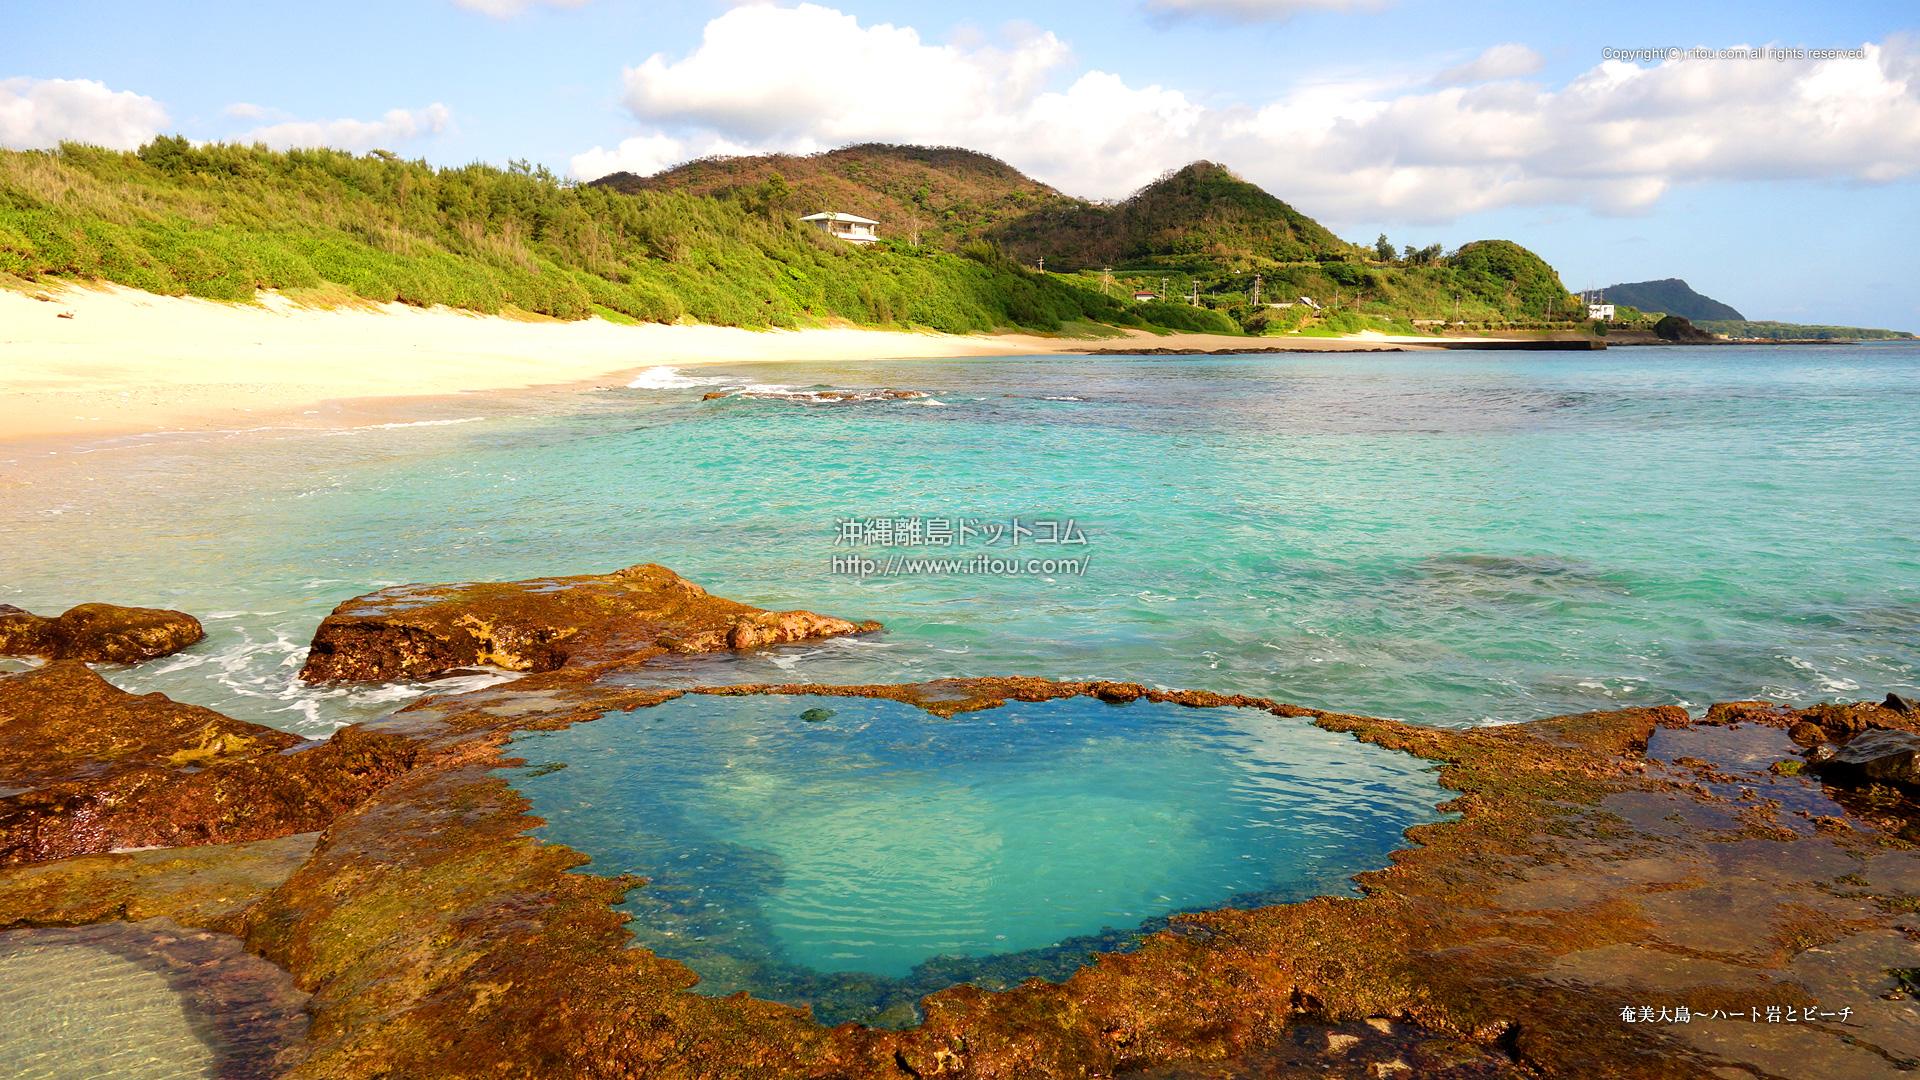 奄美大島〜ハート岩とビーチ